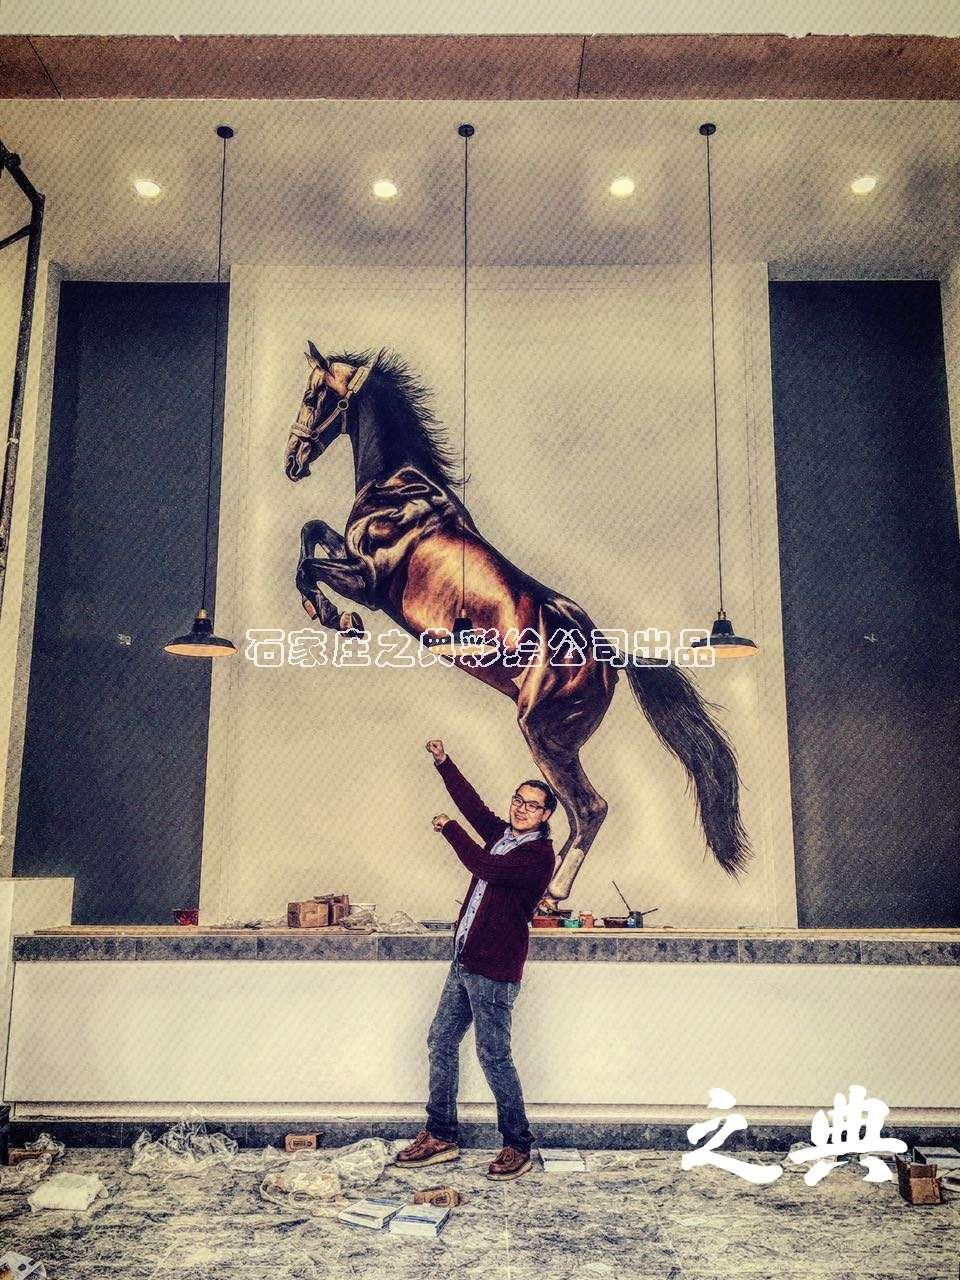 煤机街马术俱乐部形象墙壁画